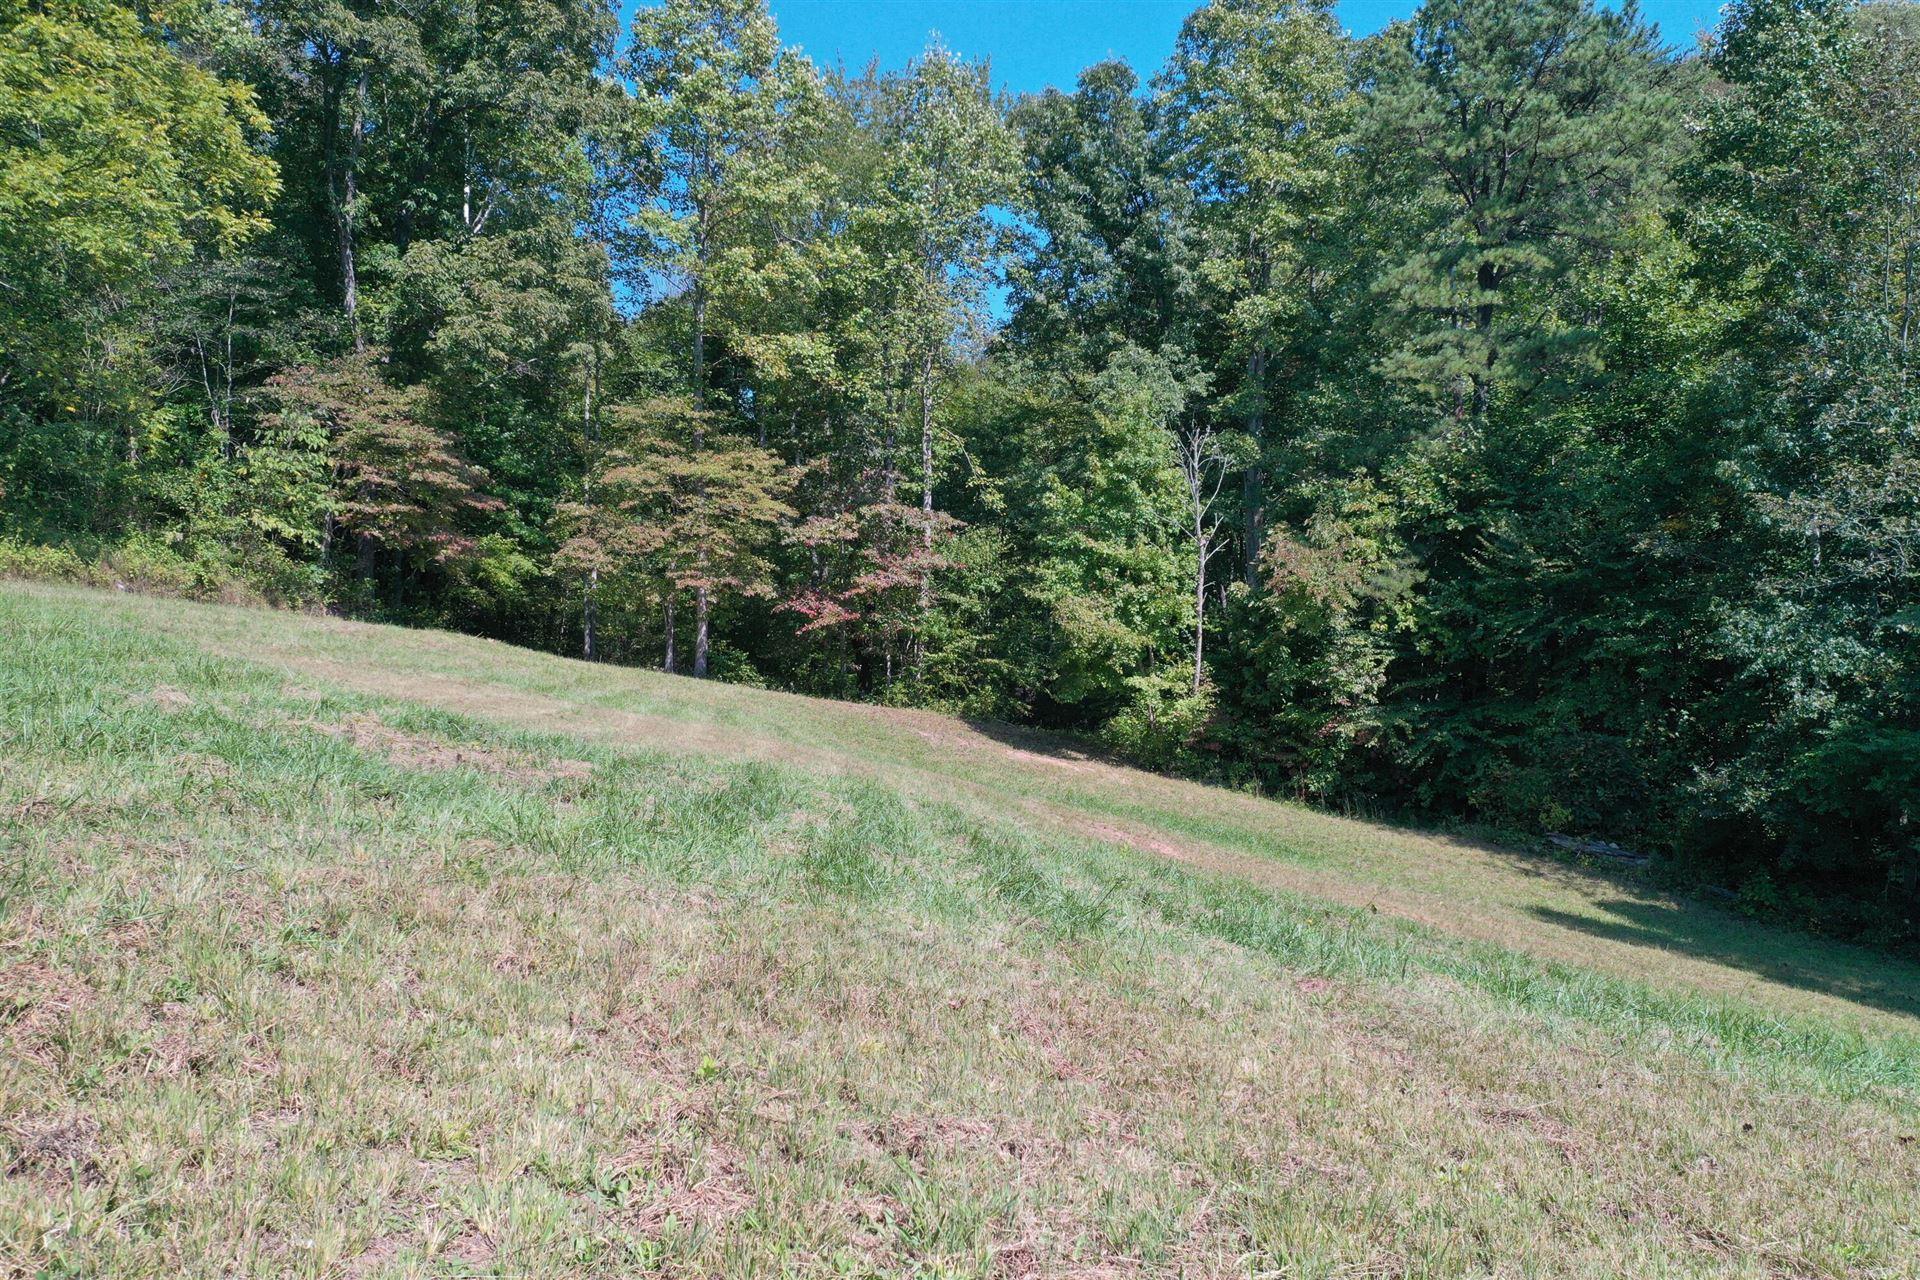 Photo of Tbd Barrett Hollow Road, Rogersville, TN 37857 (MLS # 9929318)